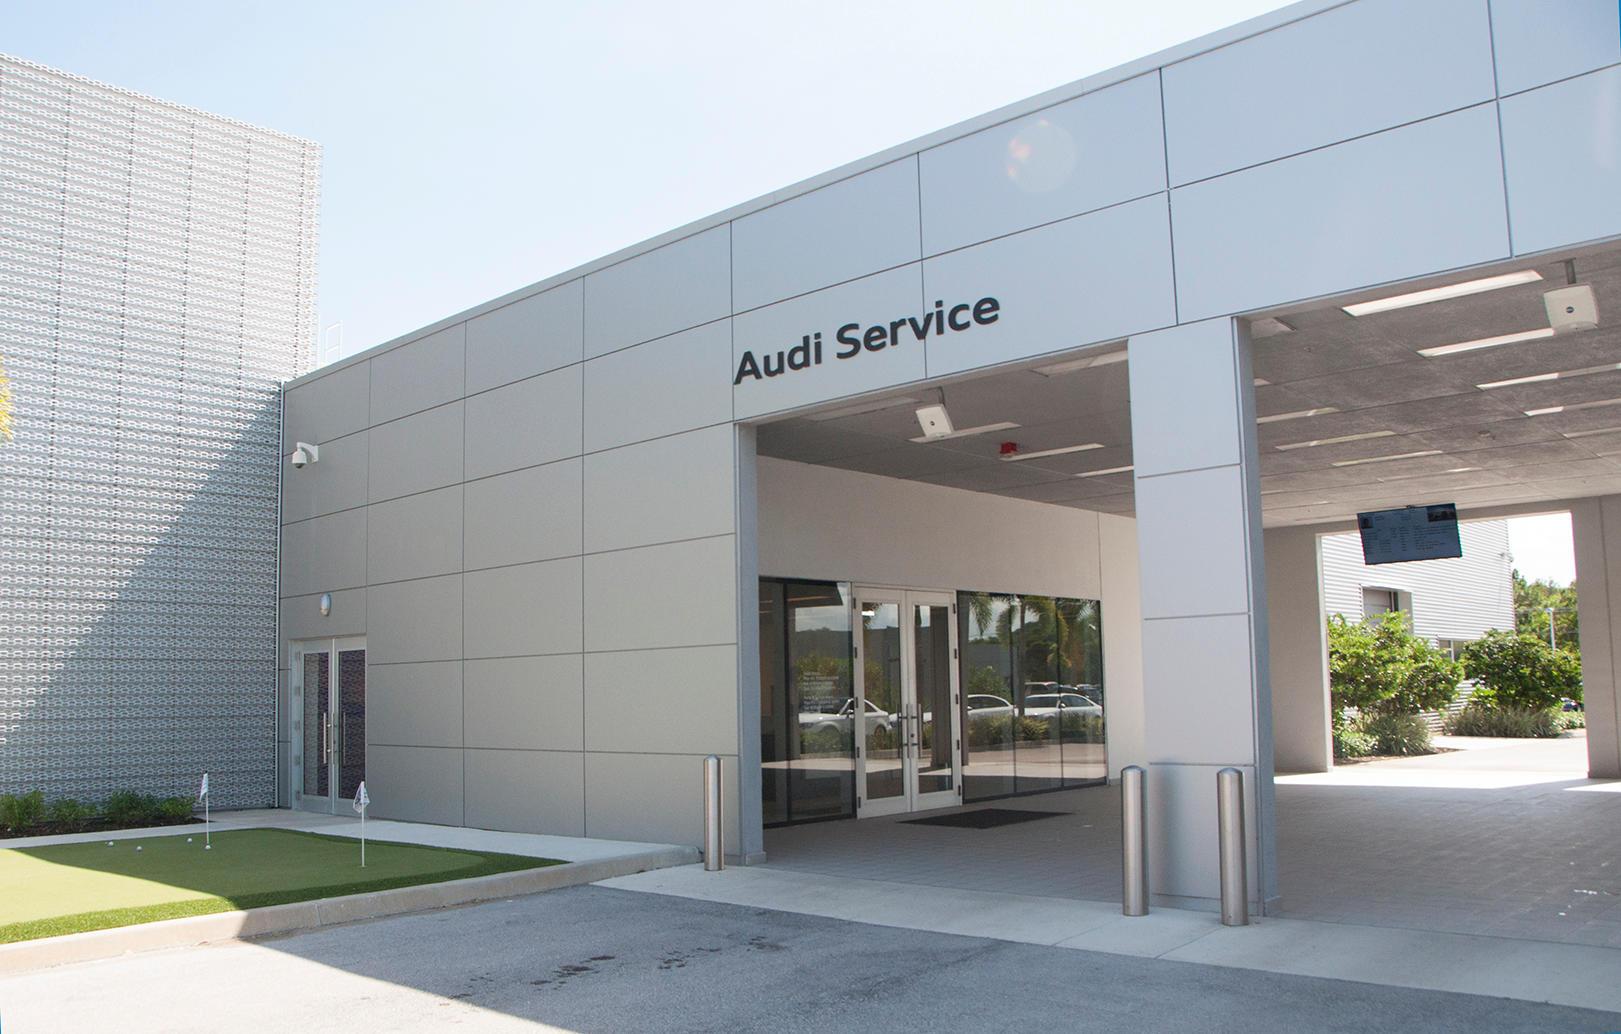 Audi Stuart image 3